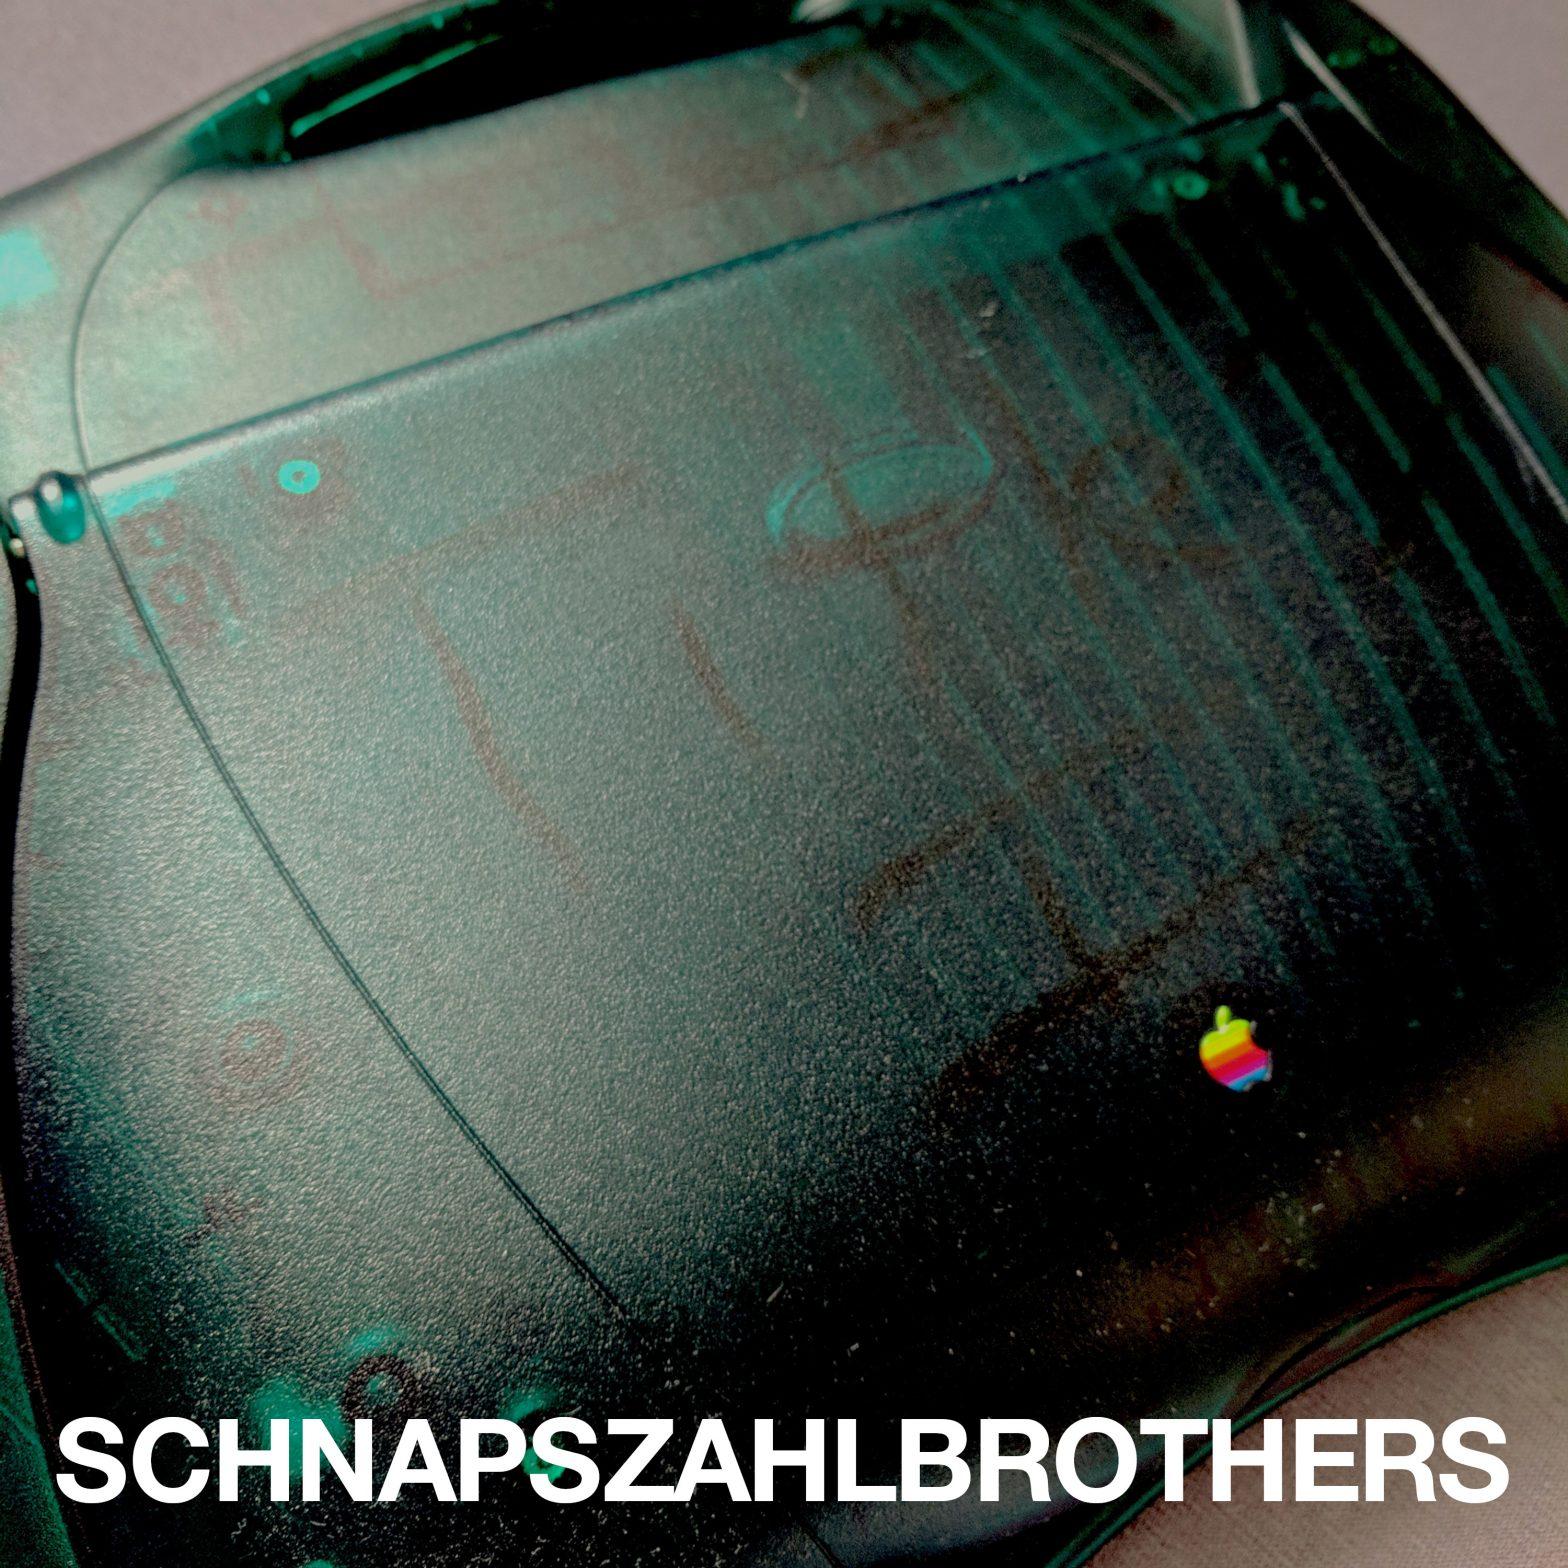 SZB003: Kinder und Internet